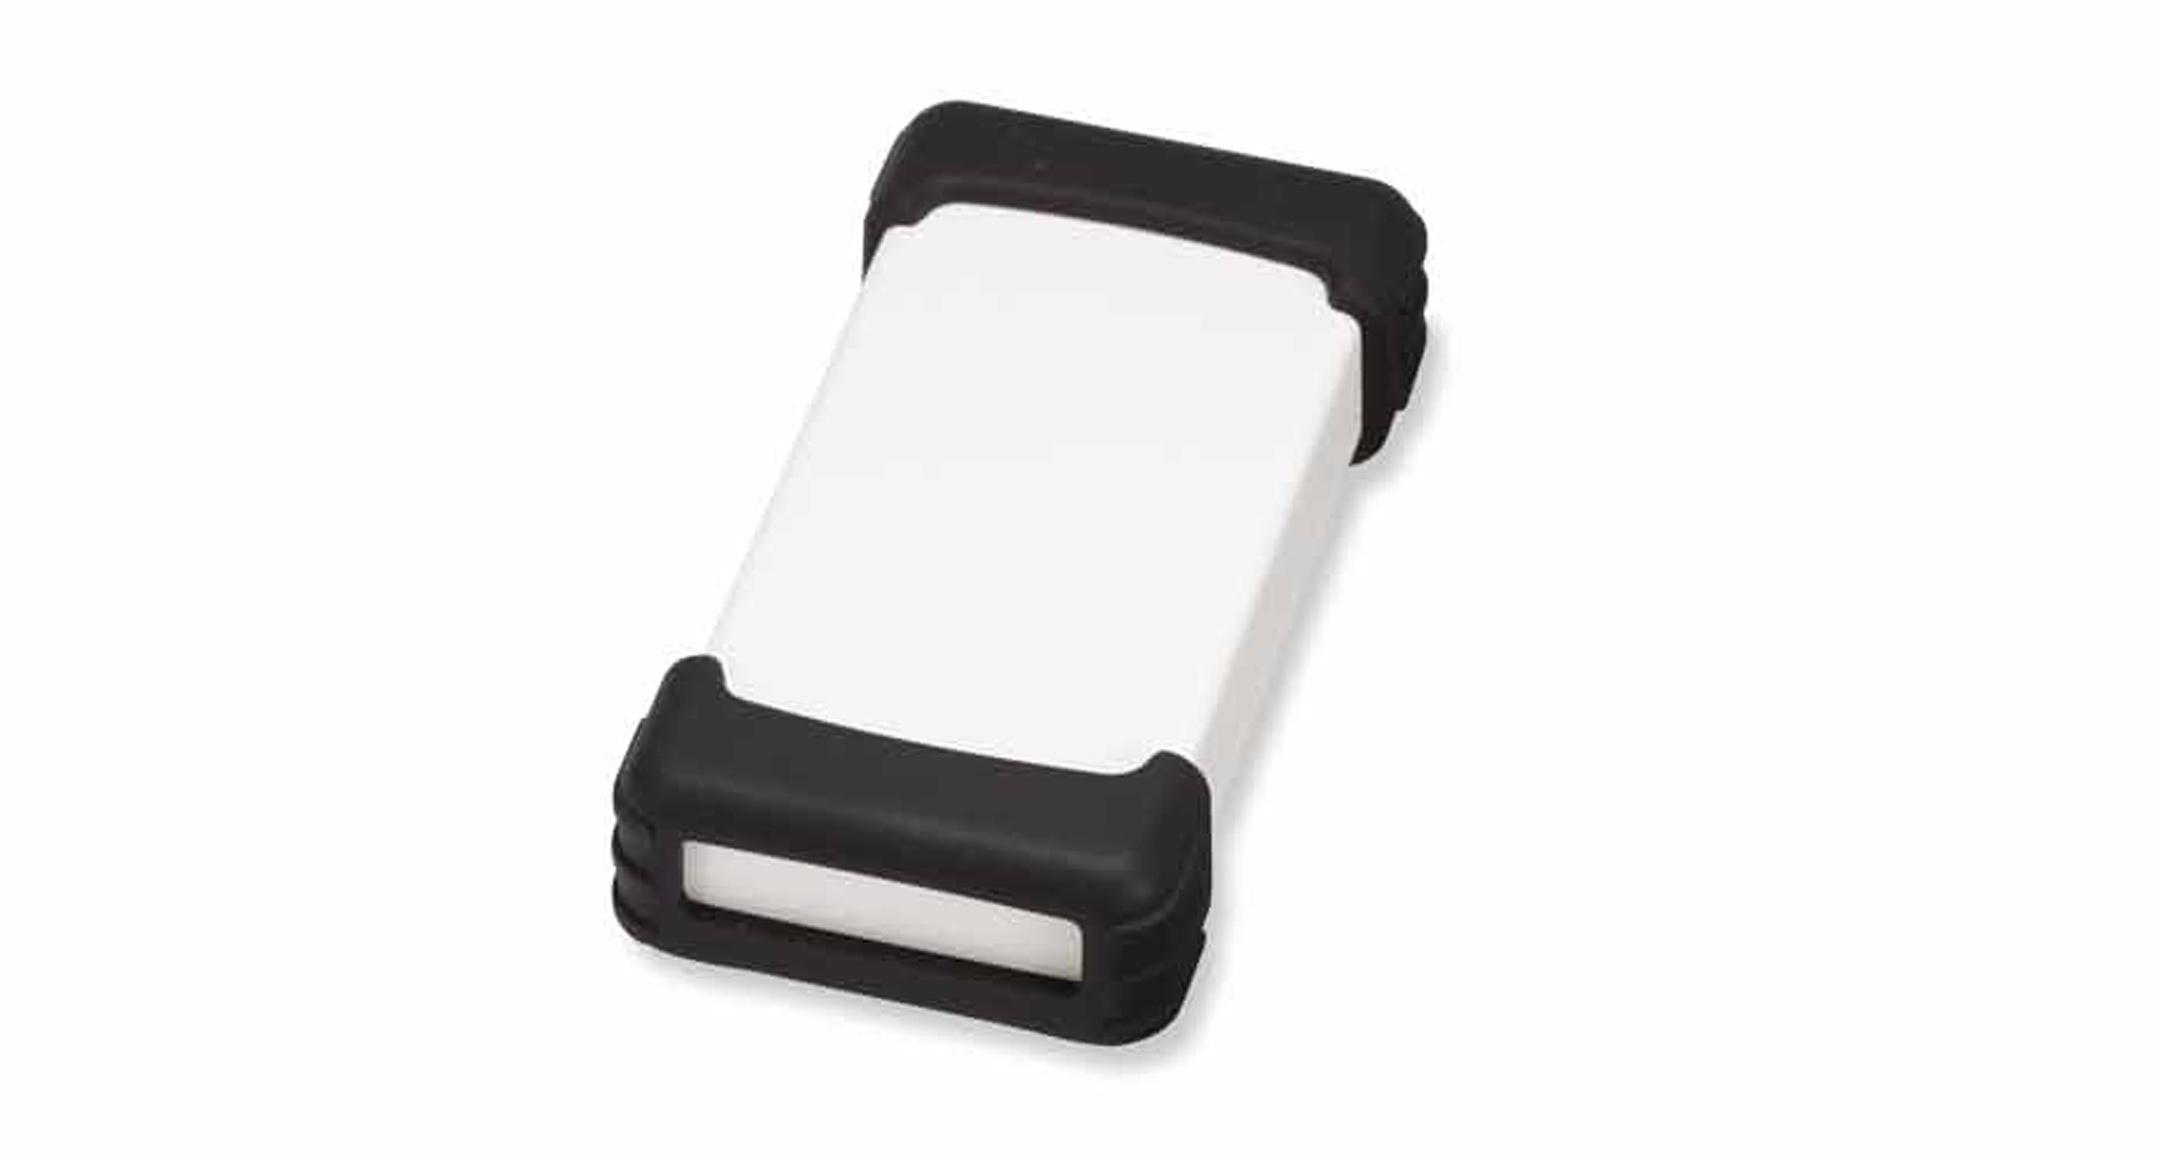 シリコンプロテクター付プラスチックケース TWSシリーズ:オフホワイト/ブラックの画像